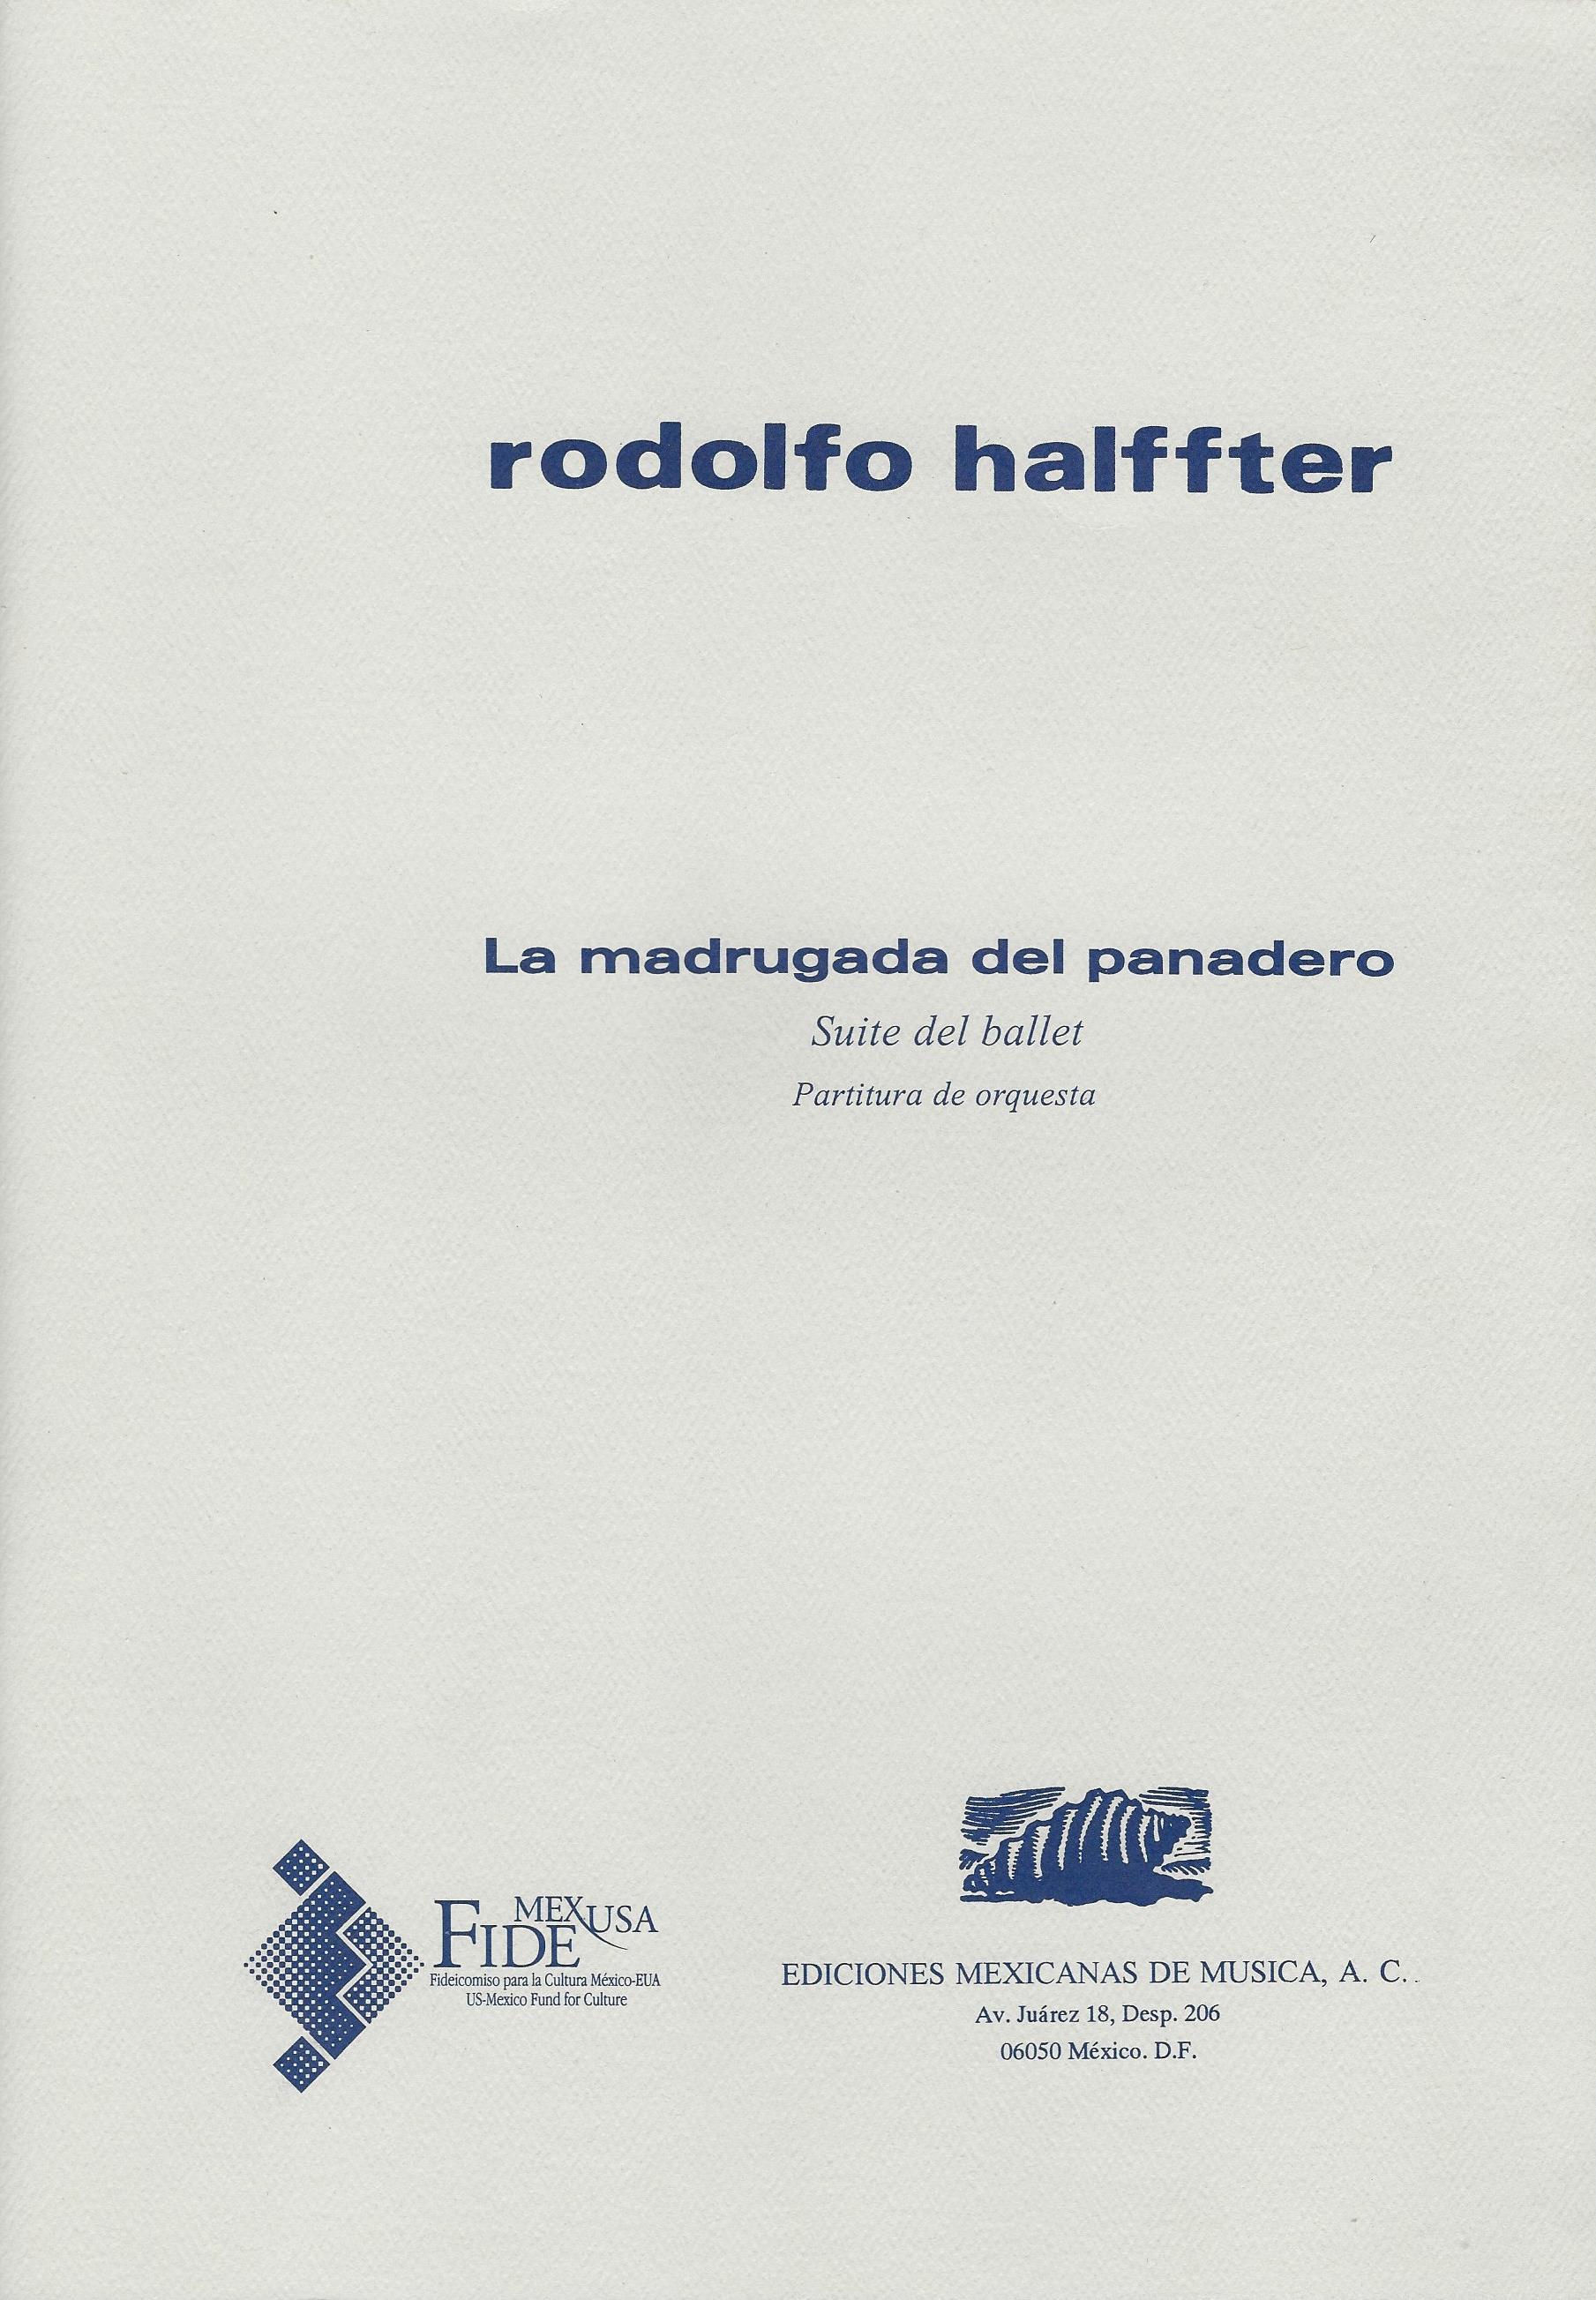 HALFFTER RODOLFO - La madrugada del panadero 01.jpg